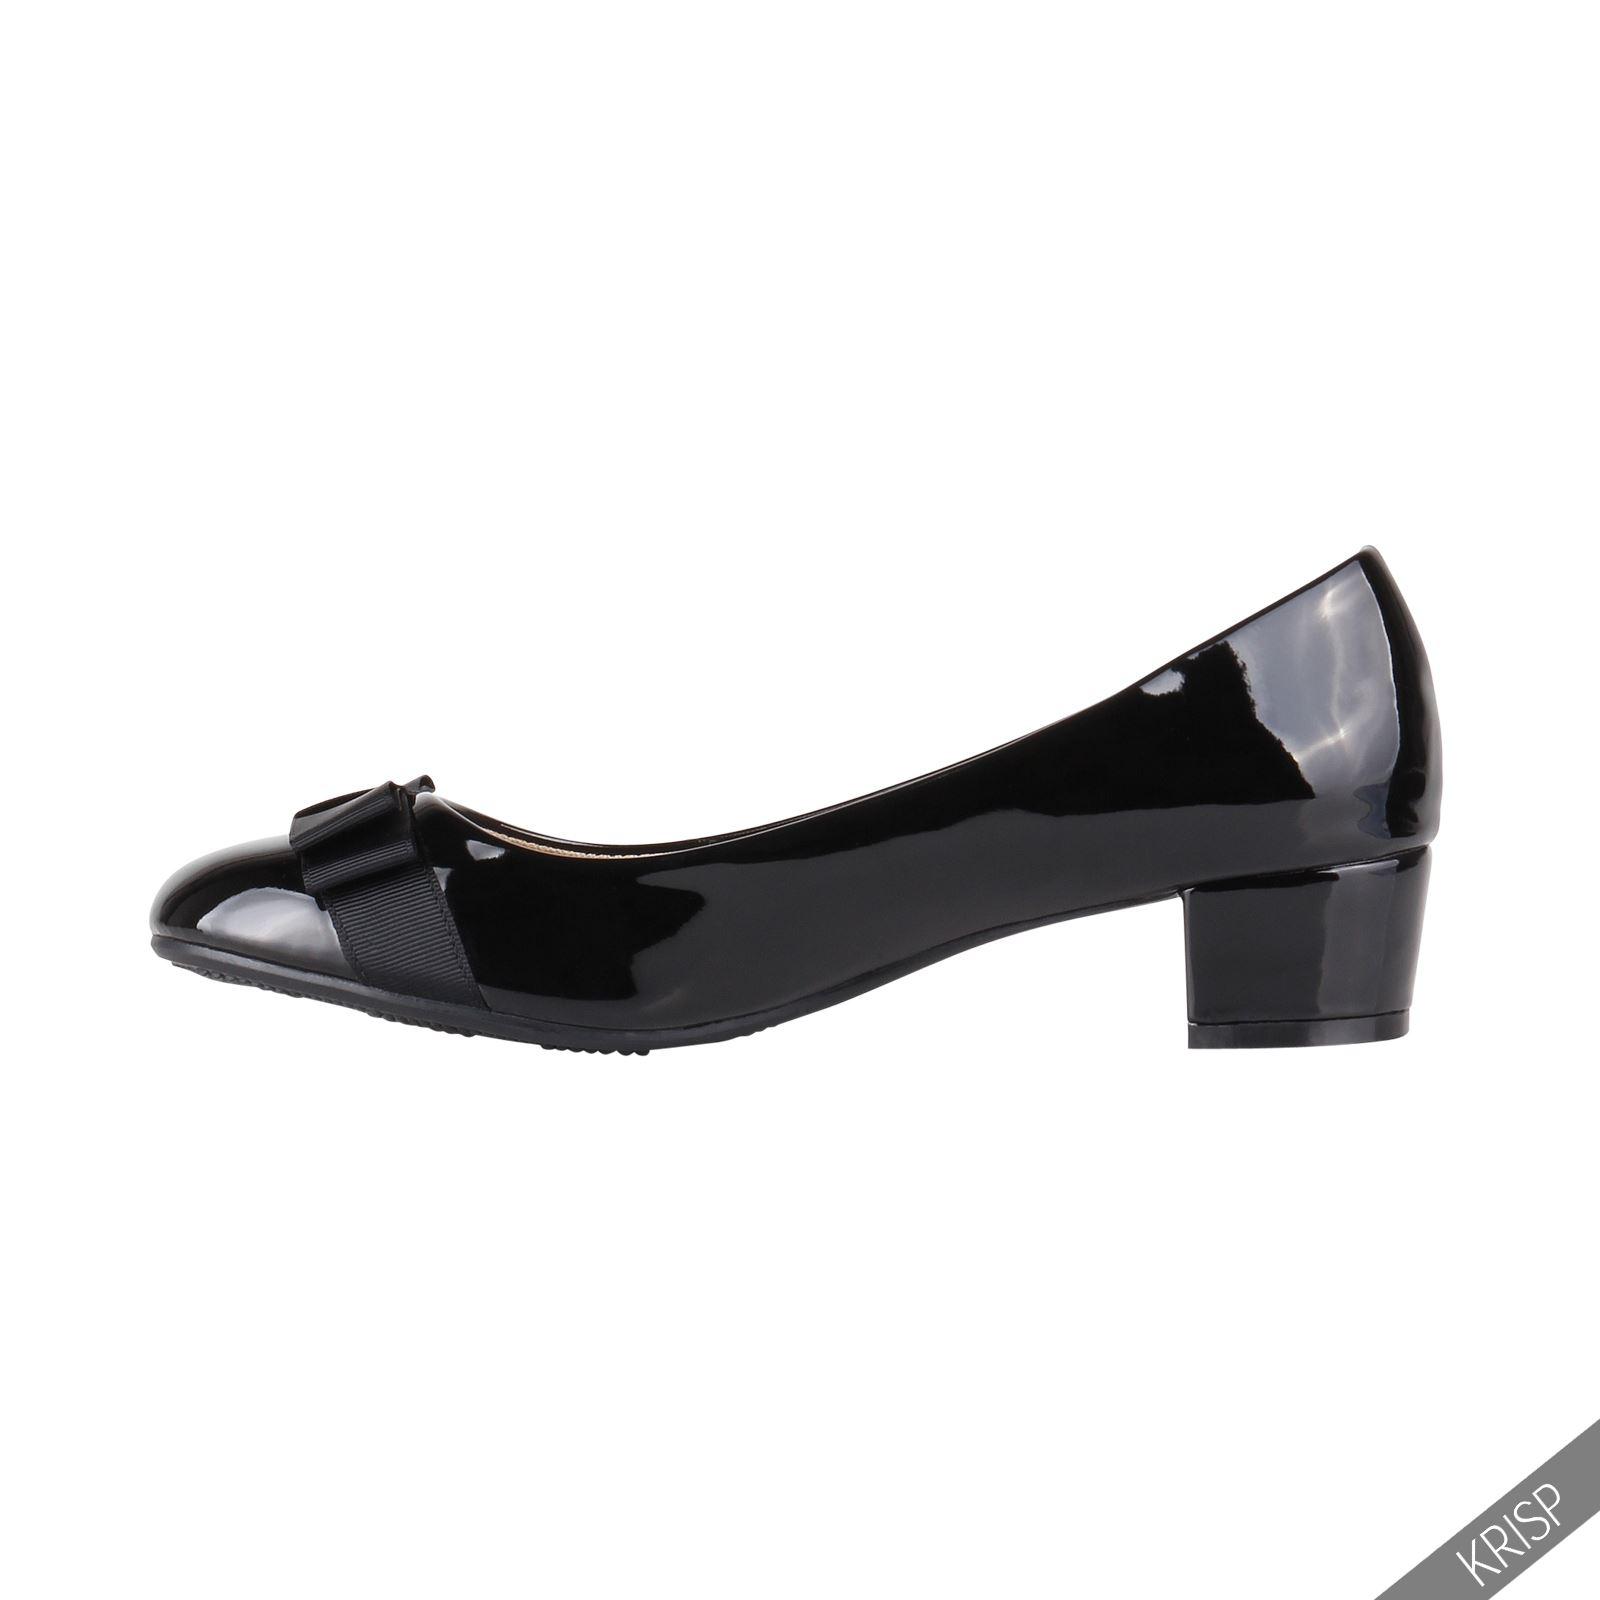 Black Block Heel Ballerina Shoes